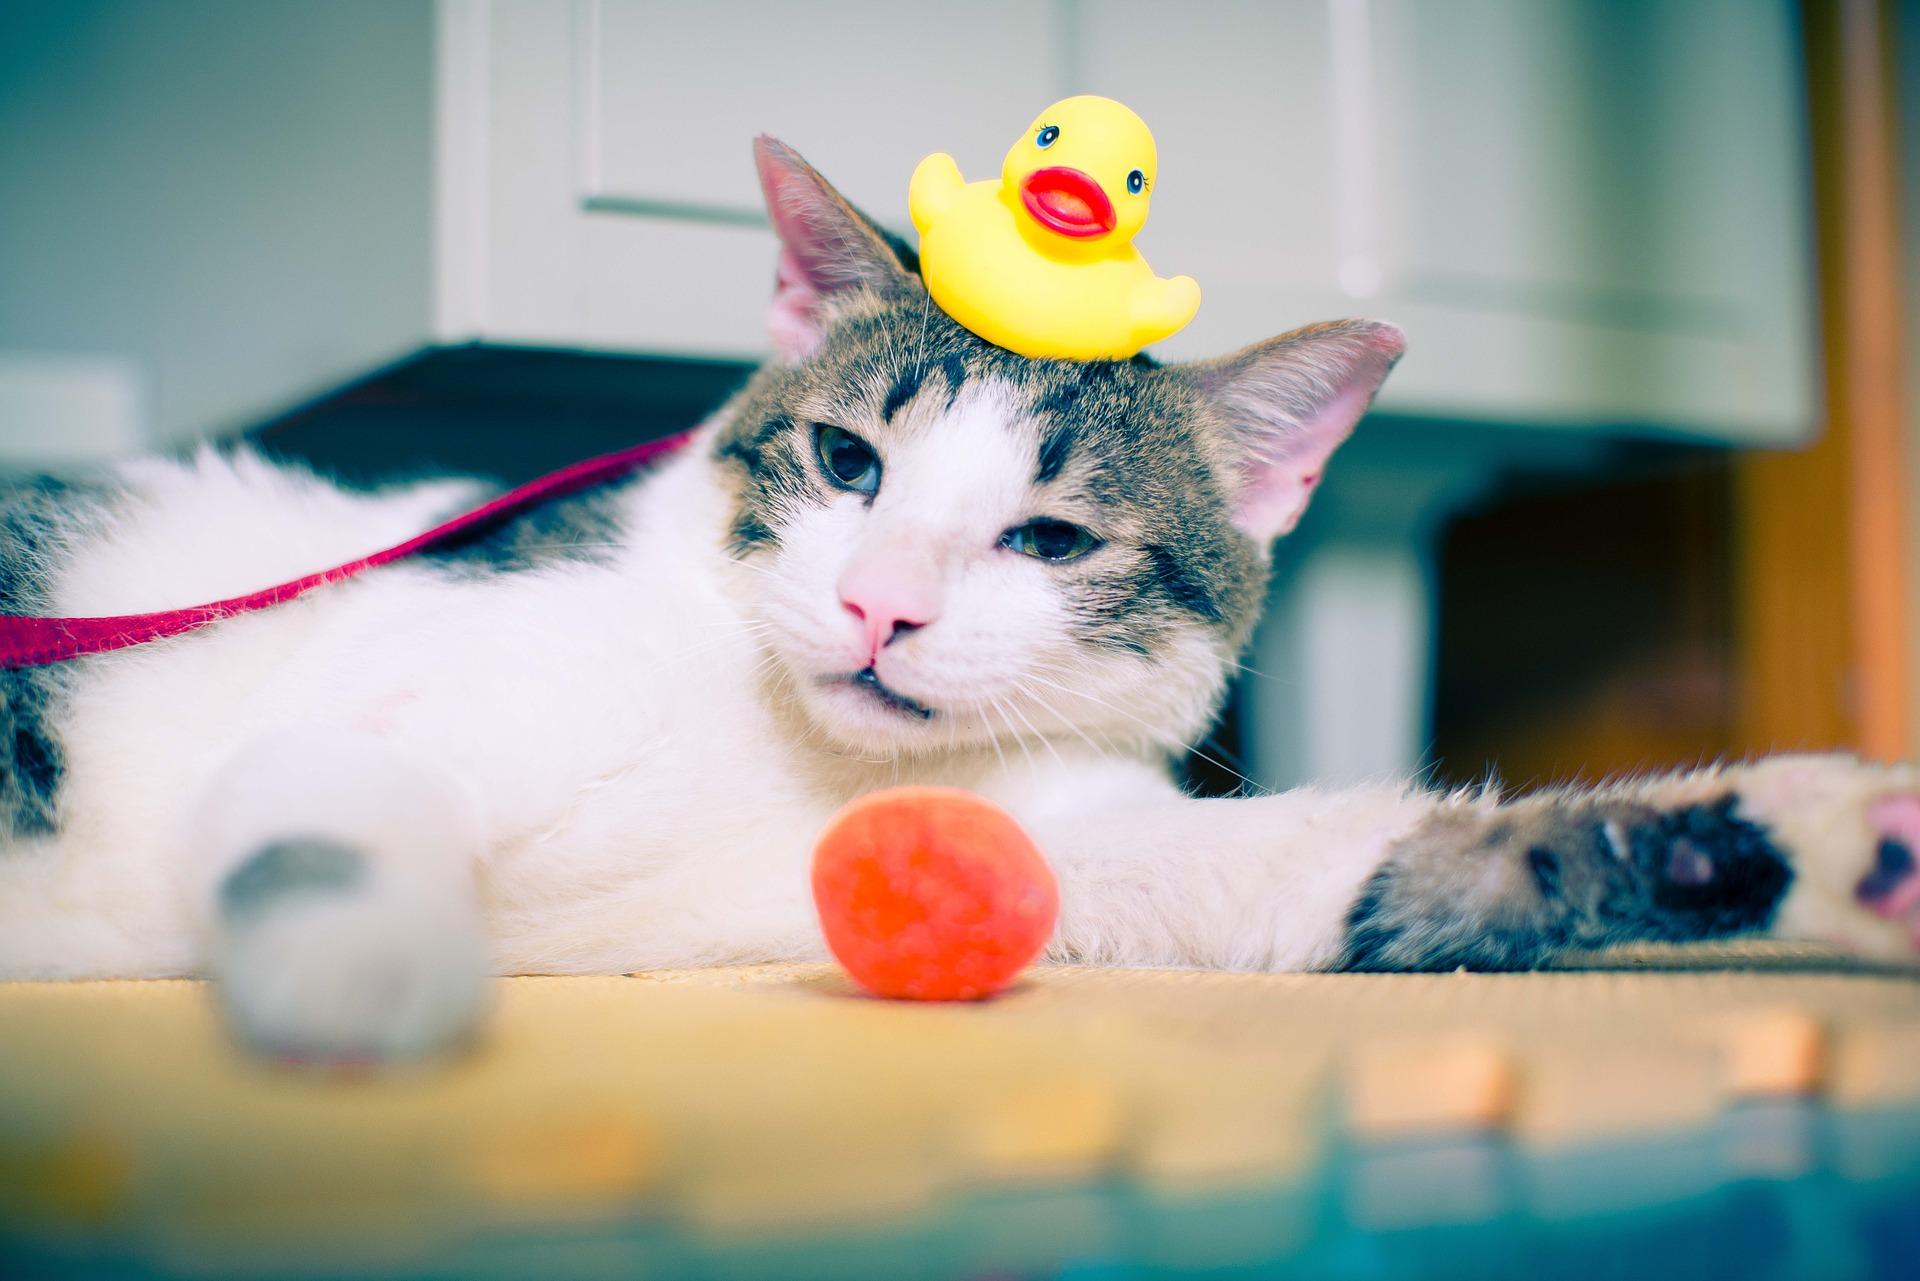 Kąpanie kota zalecane jest jedynie w wyjątkowych sytuacjach, przy chorobach skóry, pasożytach, czyli po wskazaniu lekarza weterynarii lub w przypadku bardzo silnych zabrudzeń, po zlizaniu których może ucierpieć zdrowie kota.